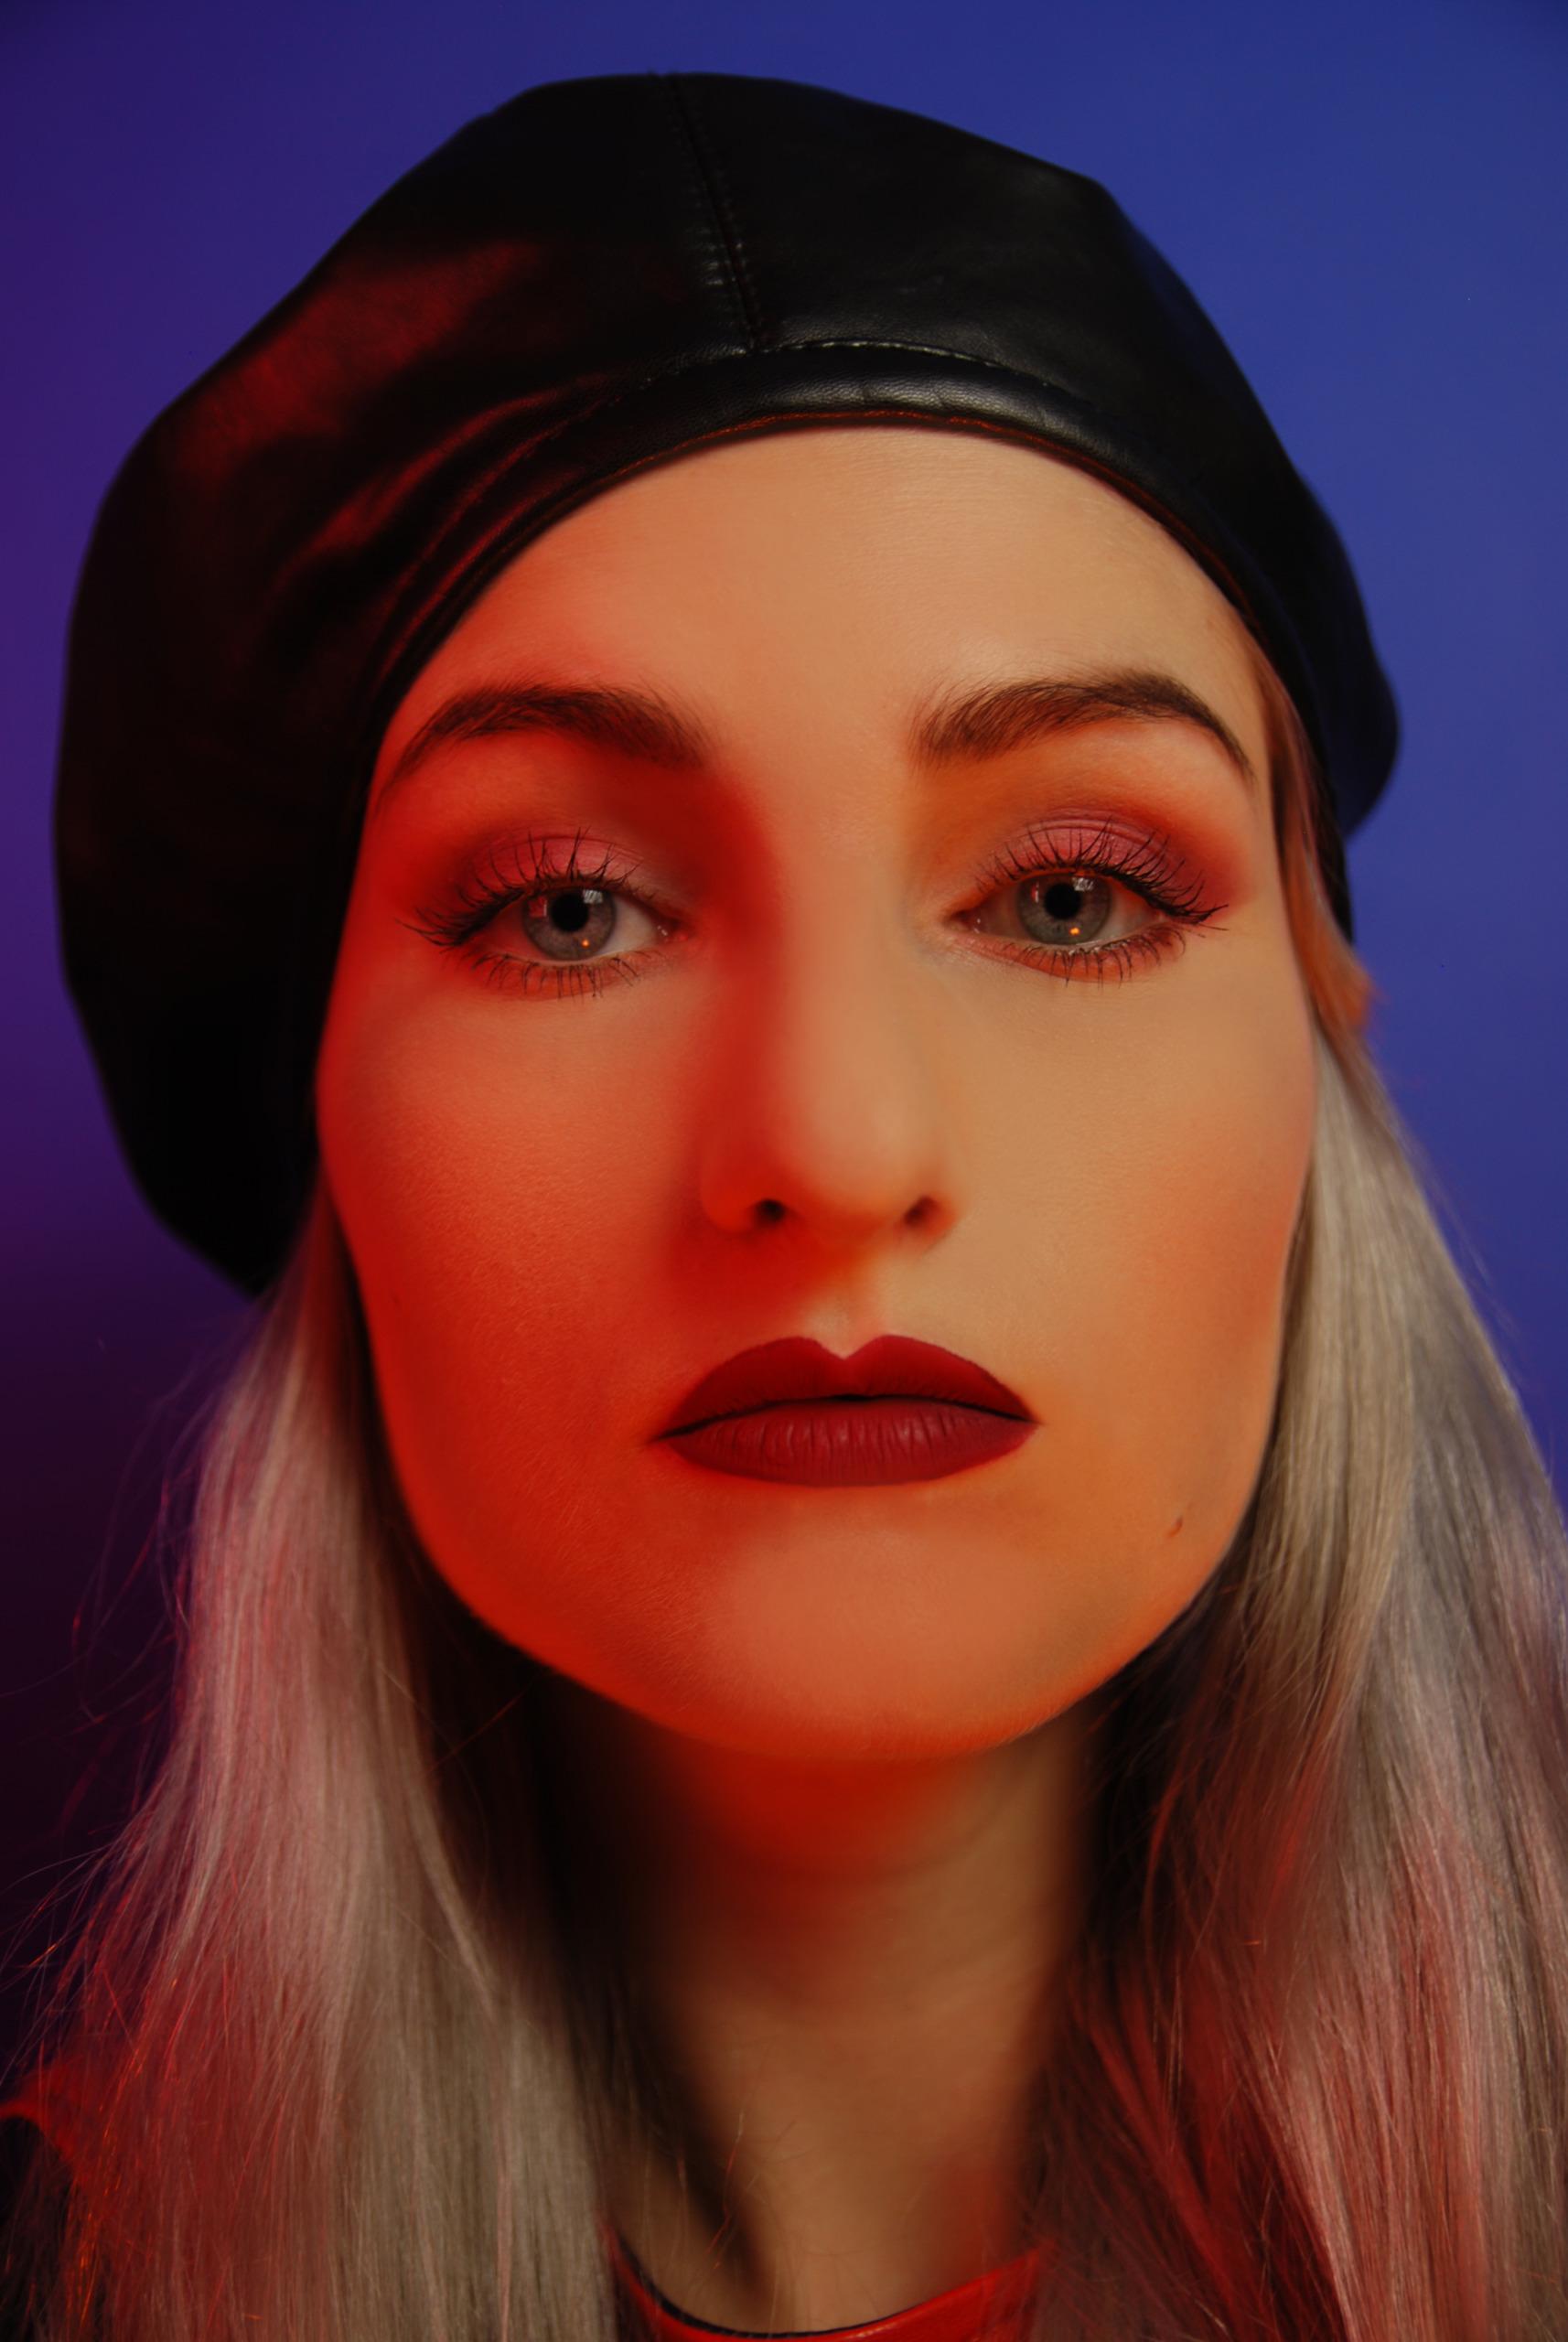 Zdjęcie przedstawia twarz młodej kobiety z jasnoszarymi włosami w czarnym berecie na niebieskim tle. Twarz oświetlona jest czerwonym światłem, całość na niebieskim tle.